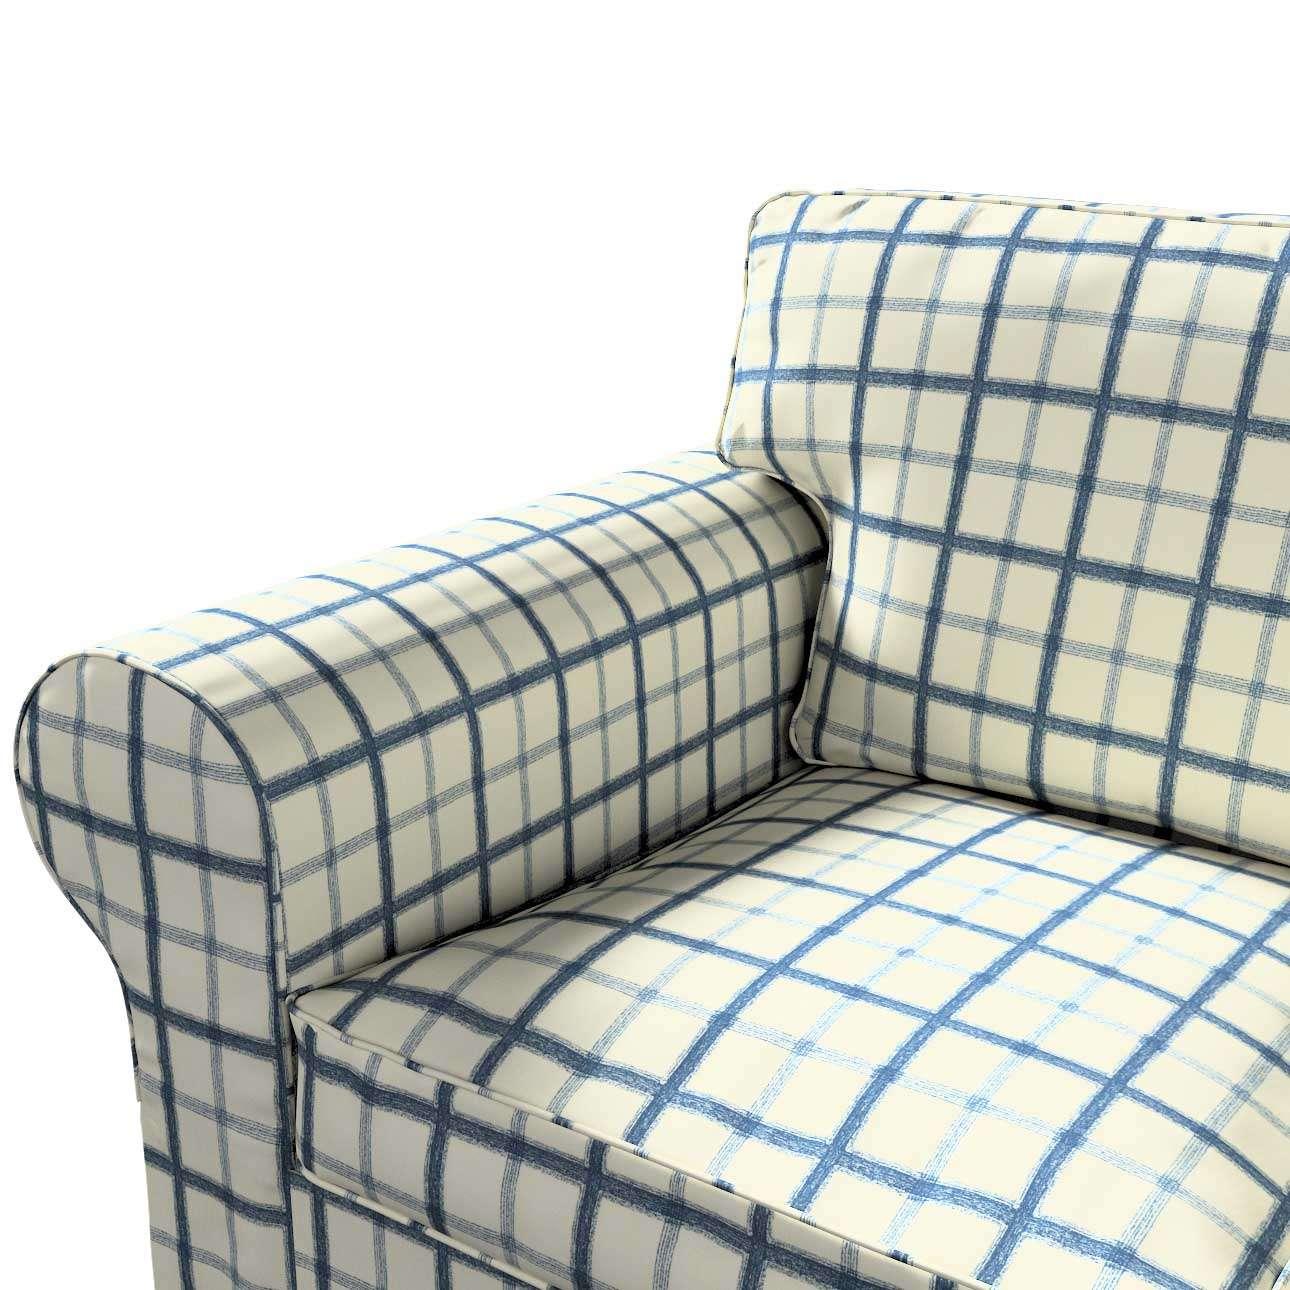 Pokrowiec na sofę Ektorp 3-osobową, rozkładaną STARY MODEL Sofa Ektorp 3-osobowa rozkładana w kolekcji Avinon, tkanina: 131-66